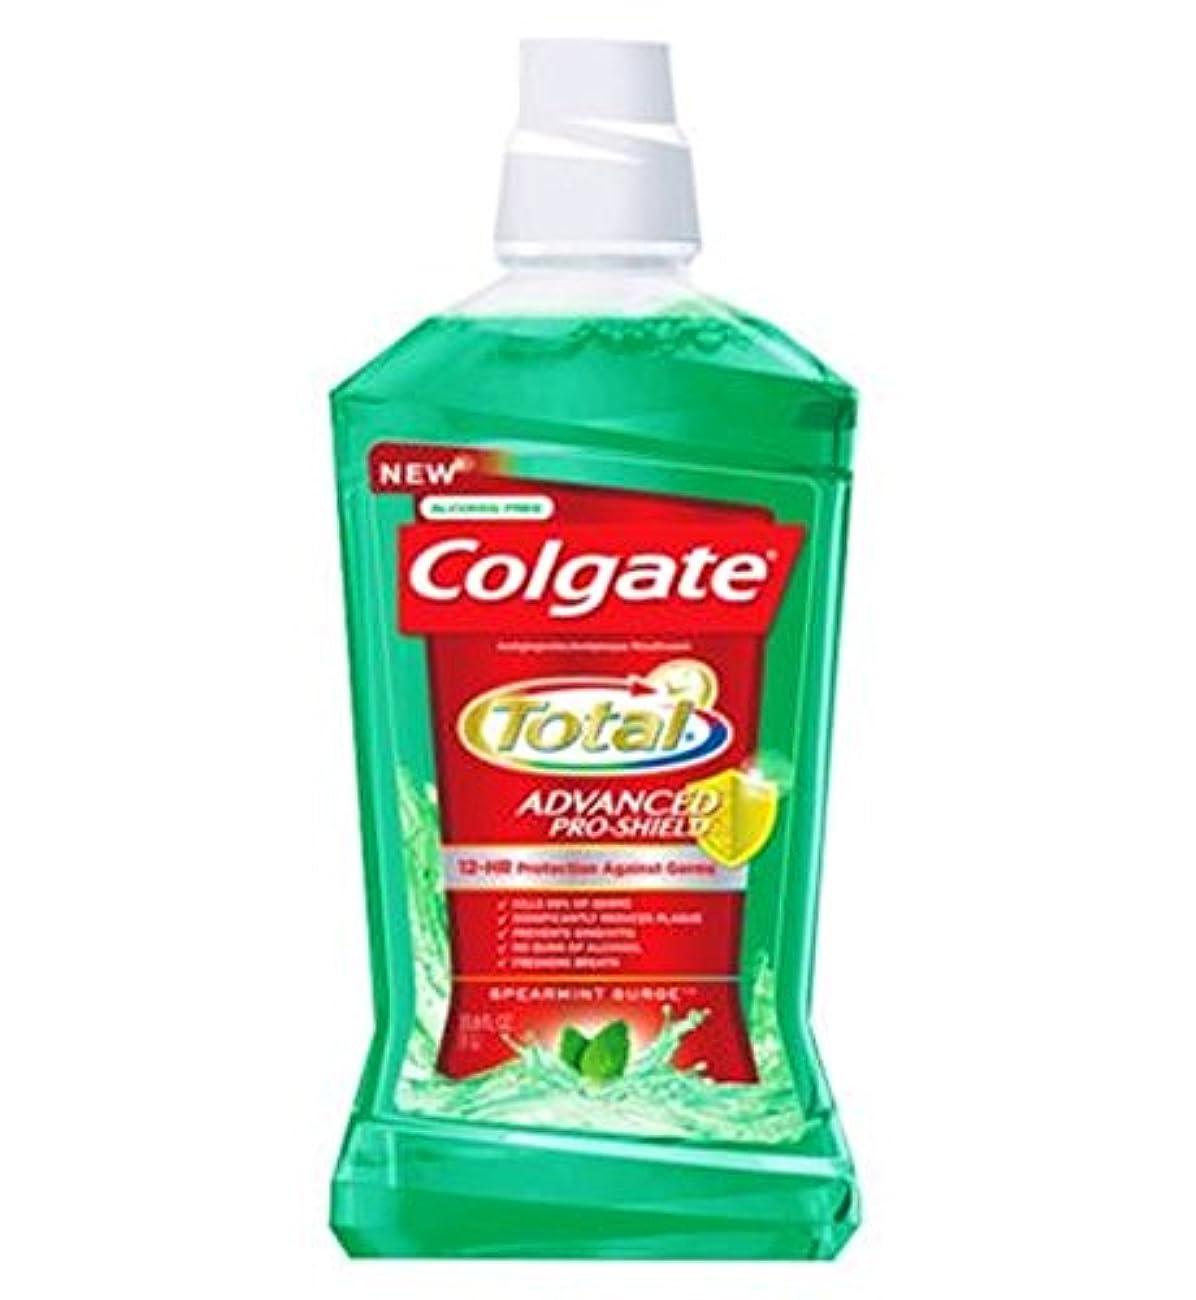 登る有害なつぶやきColgate Mouthrinse Total Green 500ml - コルゲートの口内洗浄剤の合計緑500ミリリットル (Colgate) [並行輸入品]